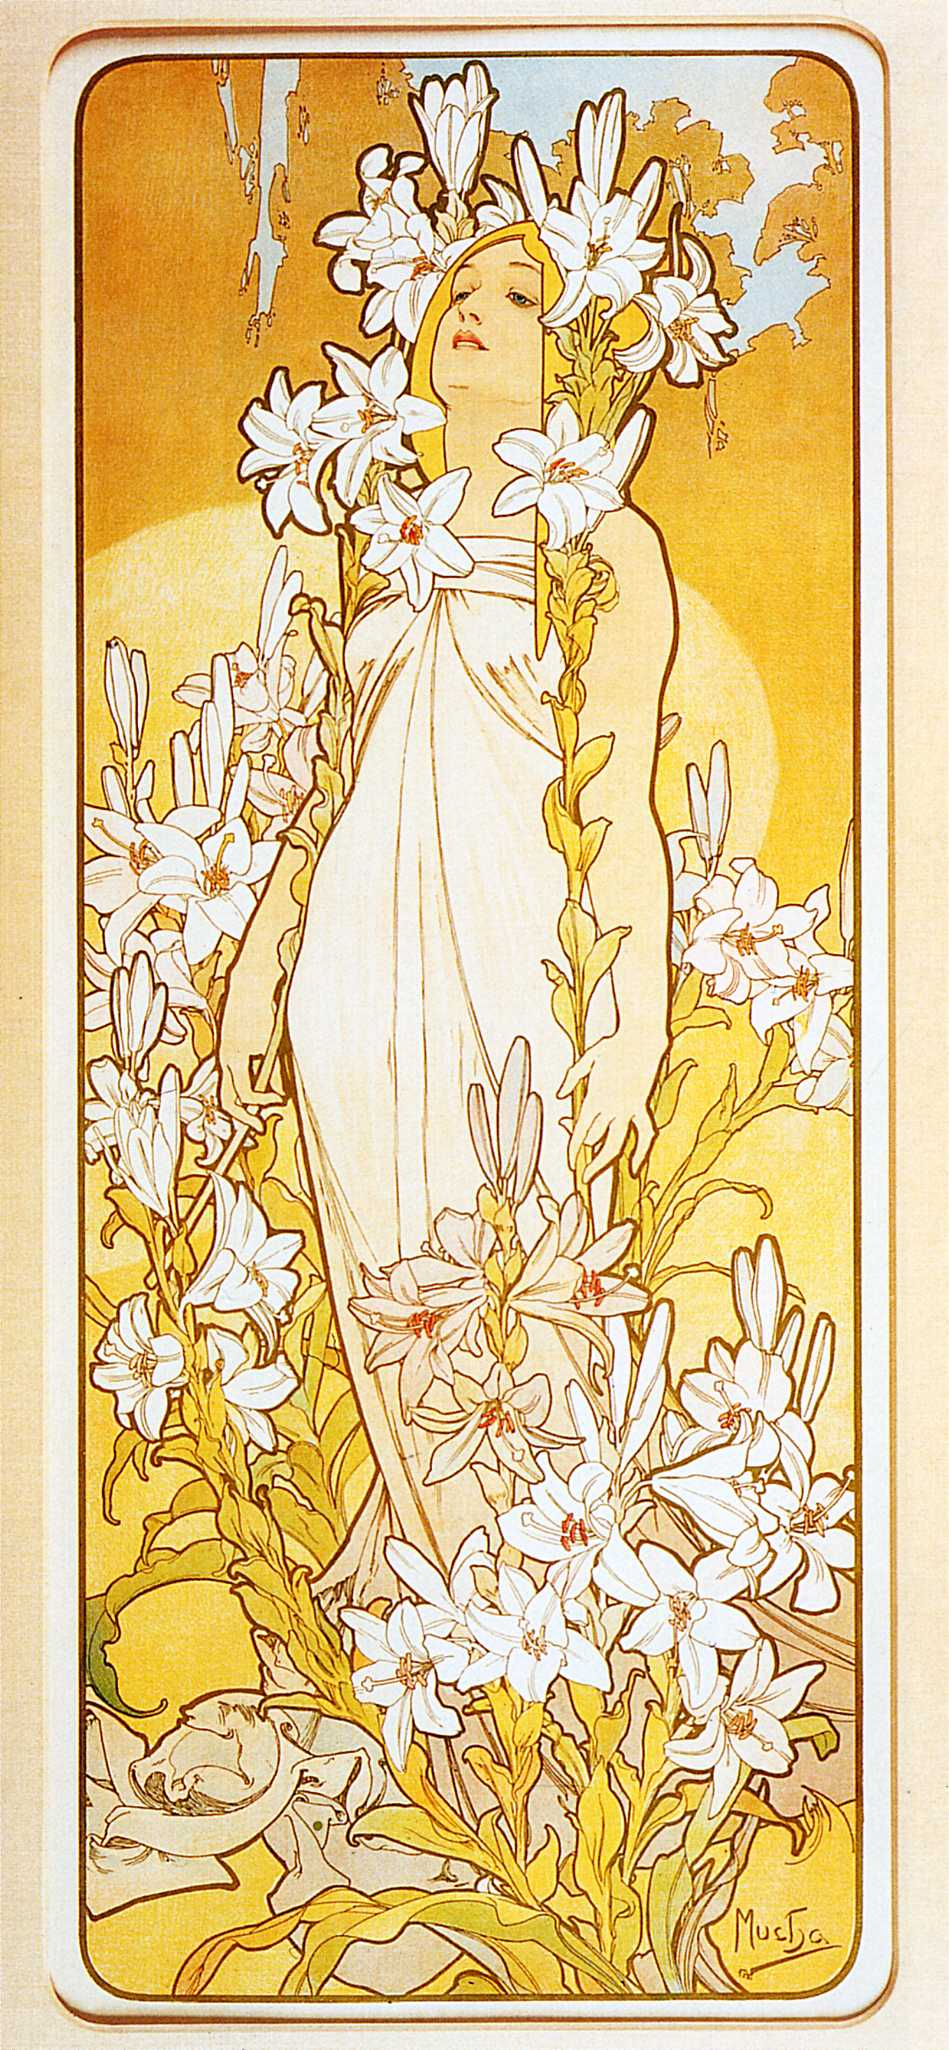 Lily - Alphonse Mucha - WikiArt.org - encyclopedia of ...